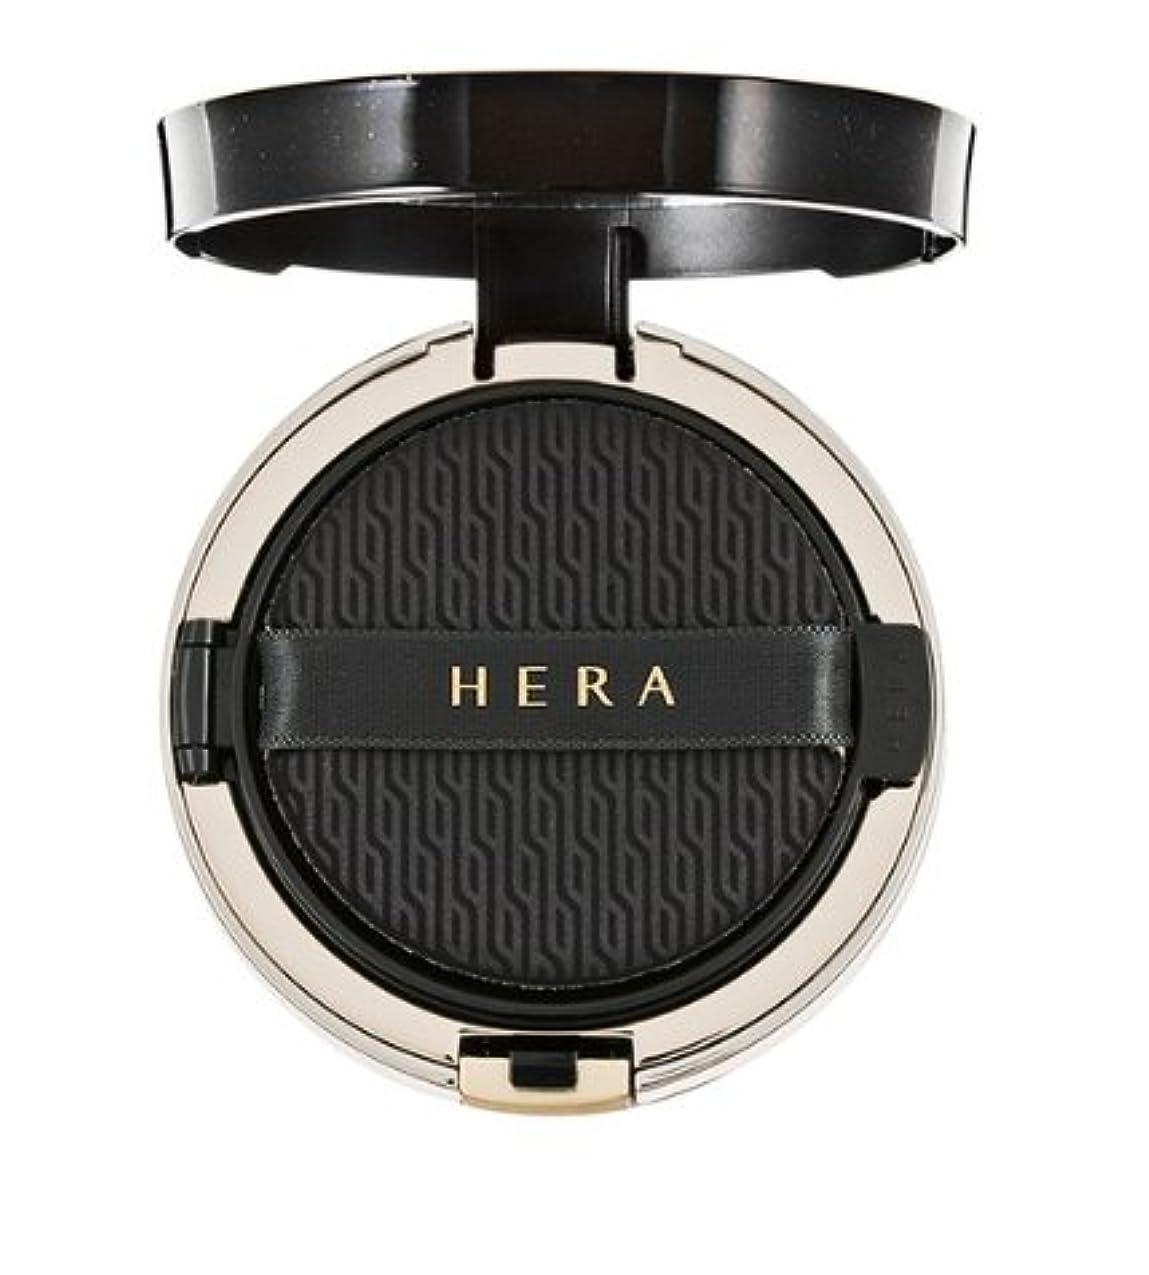 所有者飼い慣らす温度(ヘラ) Hera ブラッククッション SPF34/PA++ 本品15g+リフィール15g / Black Cushion SPF34/PA++ 15g+Refil15g (No.21 banila) (韓国直発送) shumaman